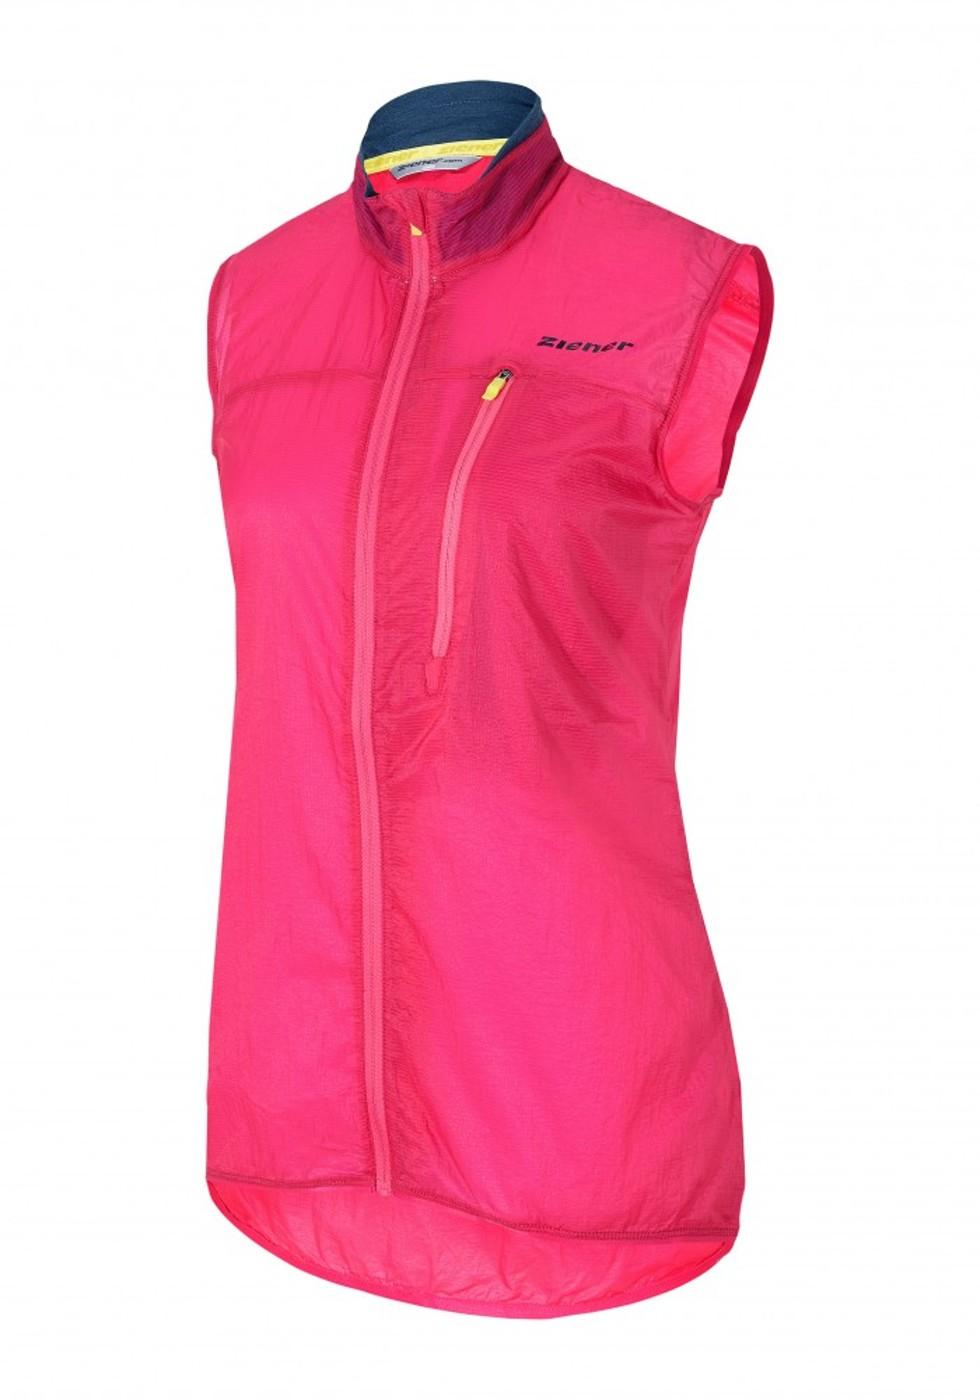 ZIENER COFINAS lady (wind vest) - Damen